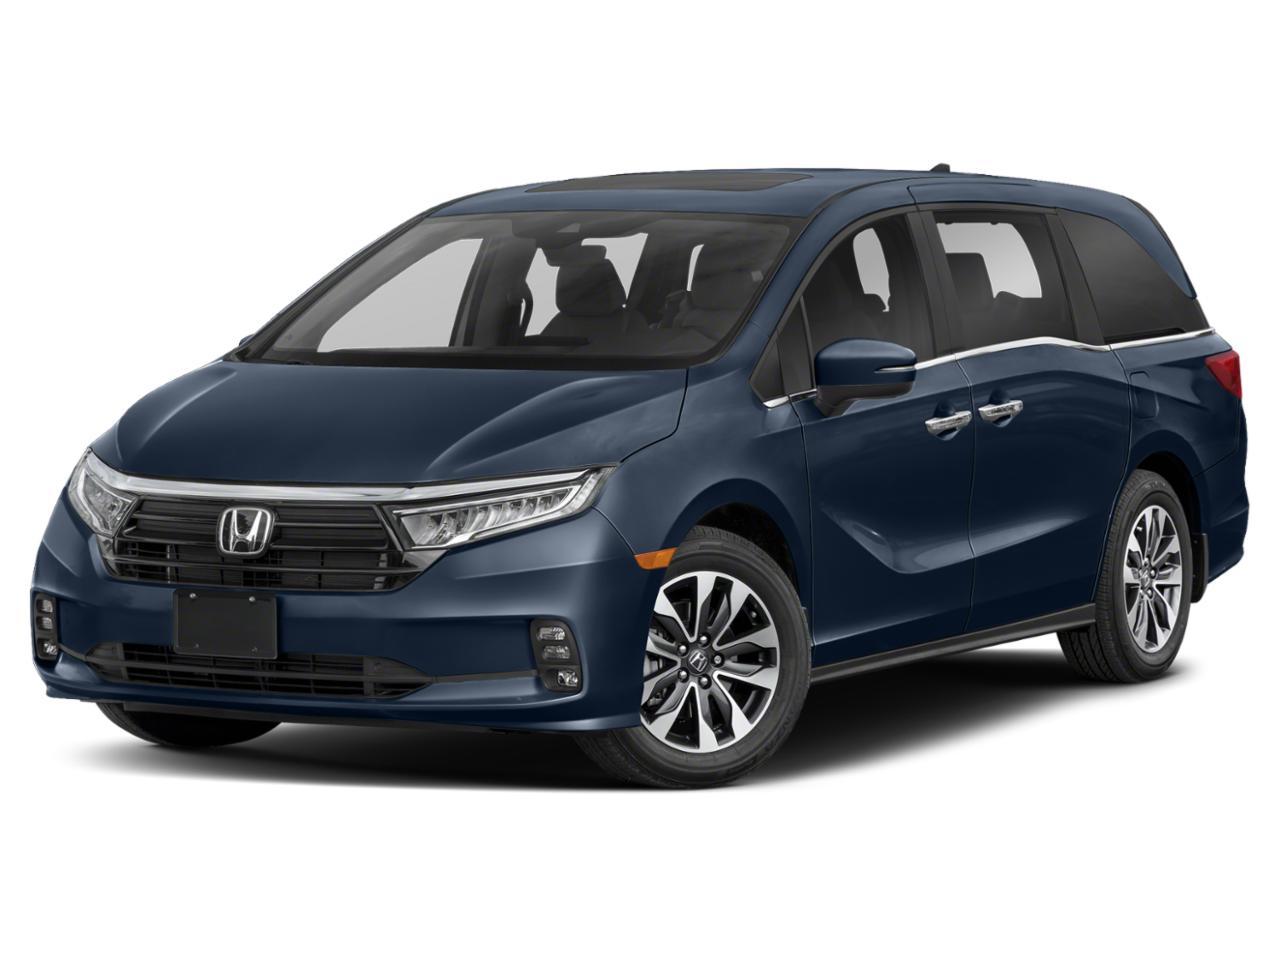 2022 Honda Odyssey Vehicle Photo in Oshkosh, WI 54904